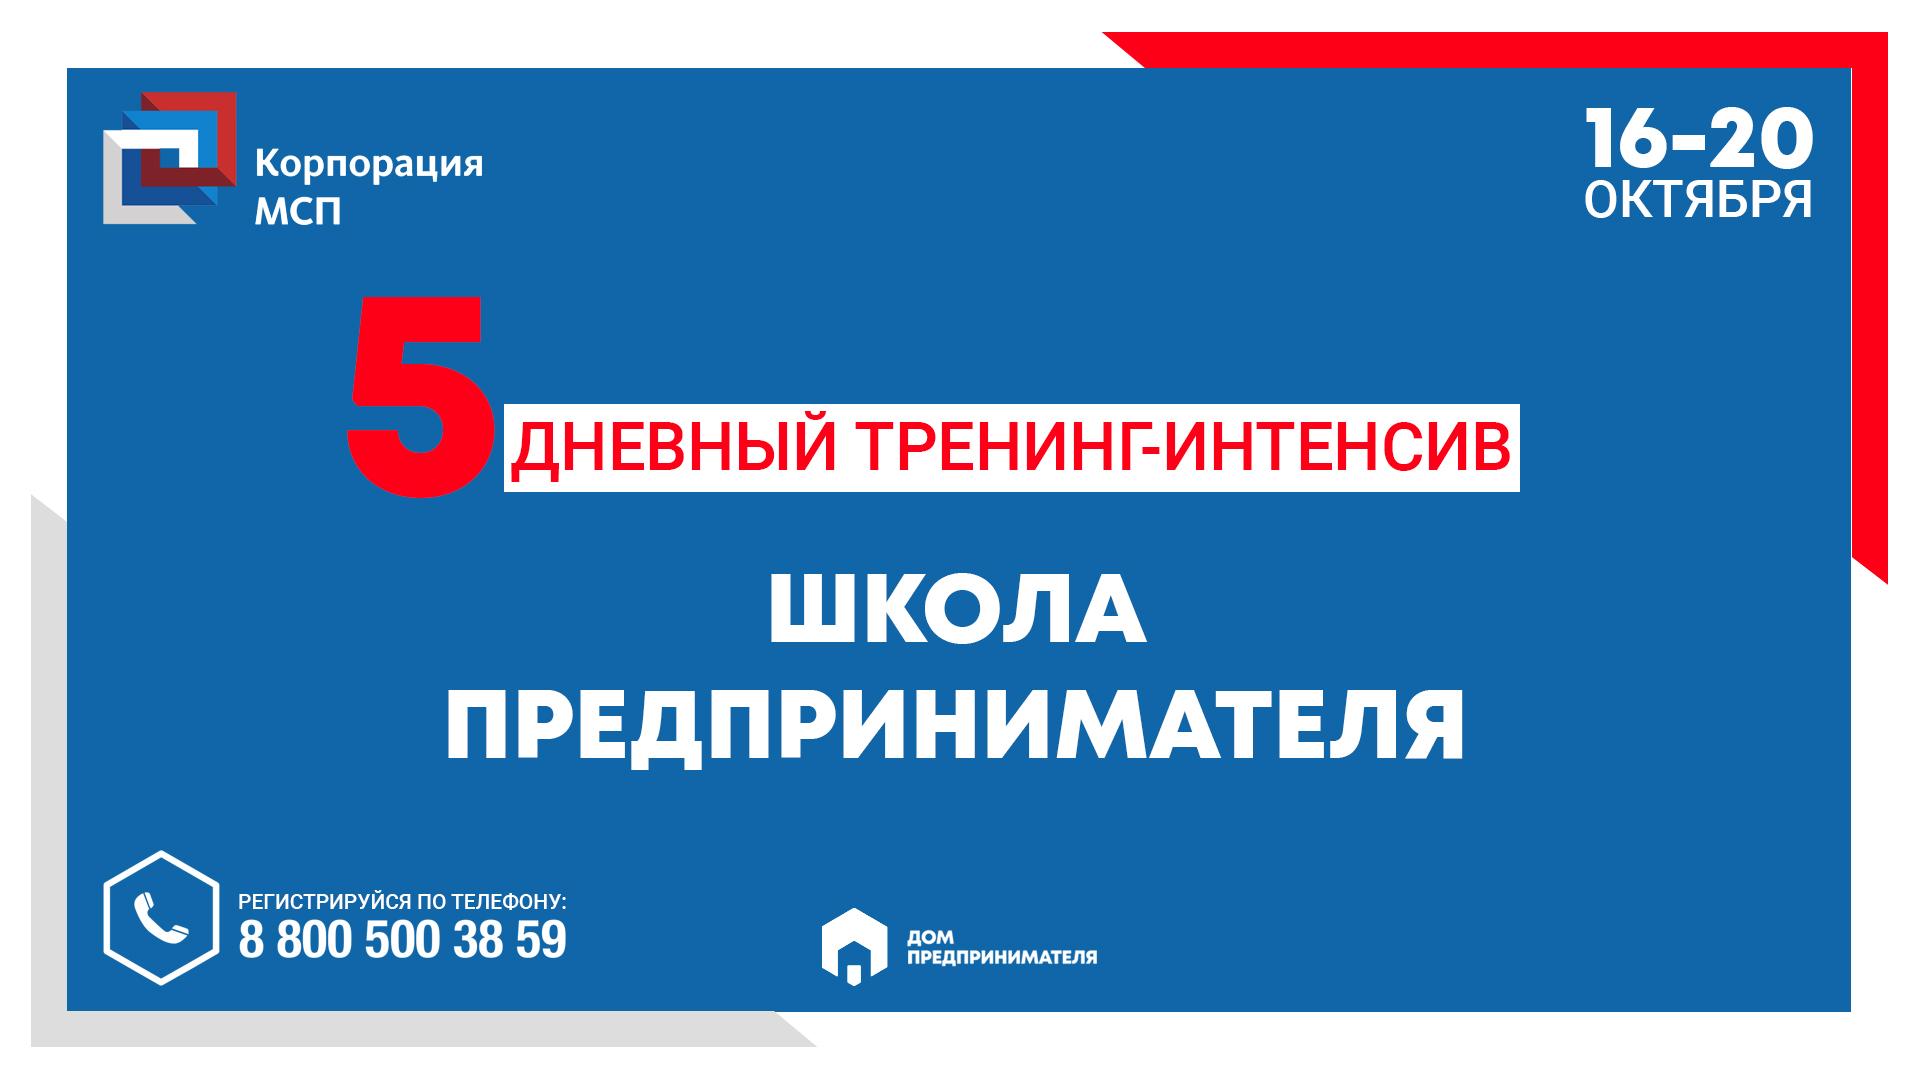 школа предпринимательства в Крыму